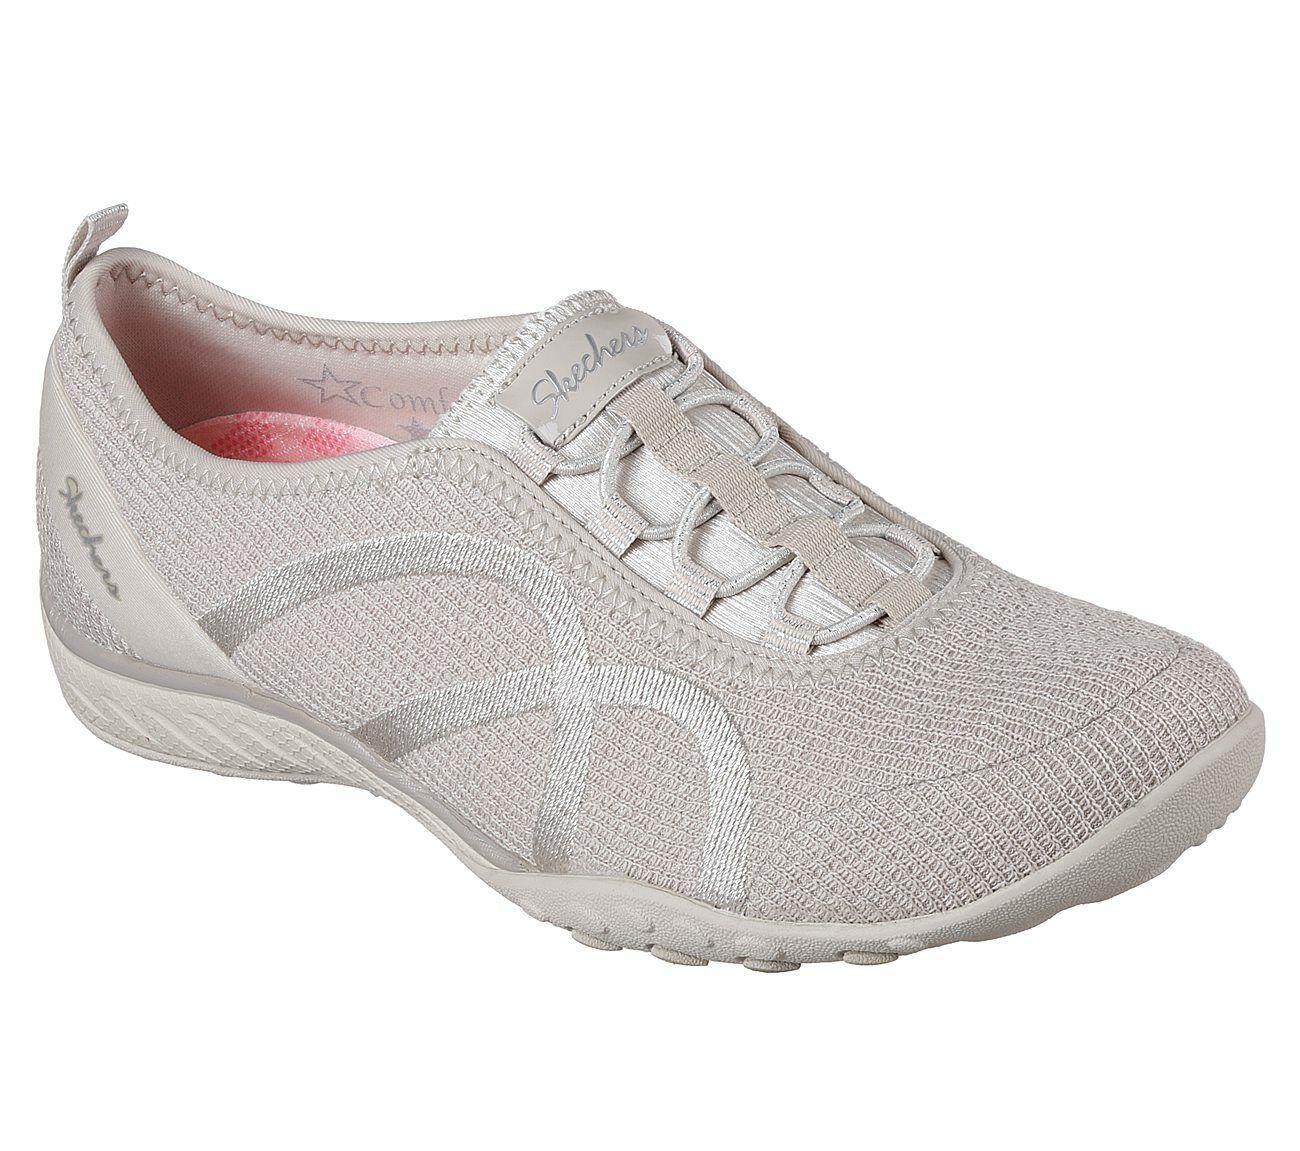 Details zu Skechers Damen Gummizug Schuh Zum Hineinschlüpfen Memory Foam Packung Größe